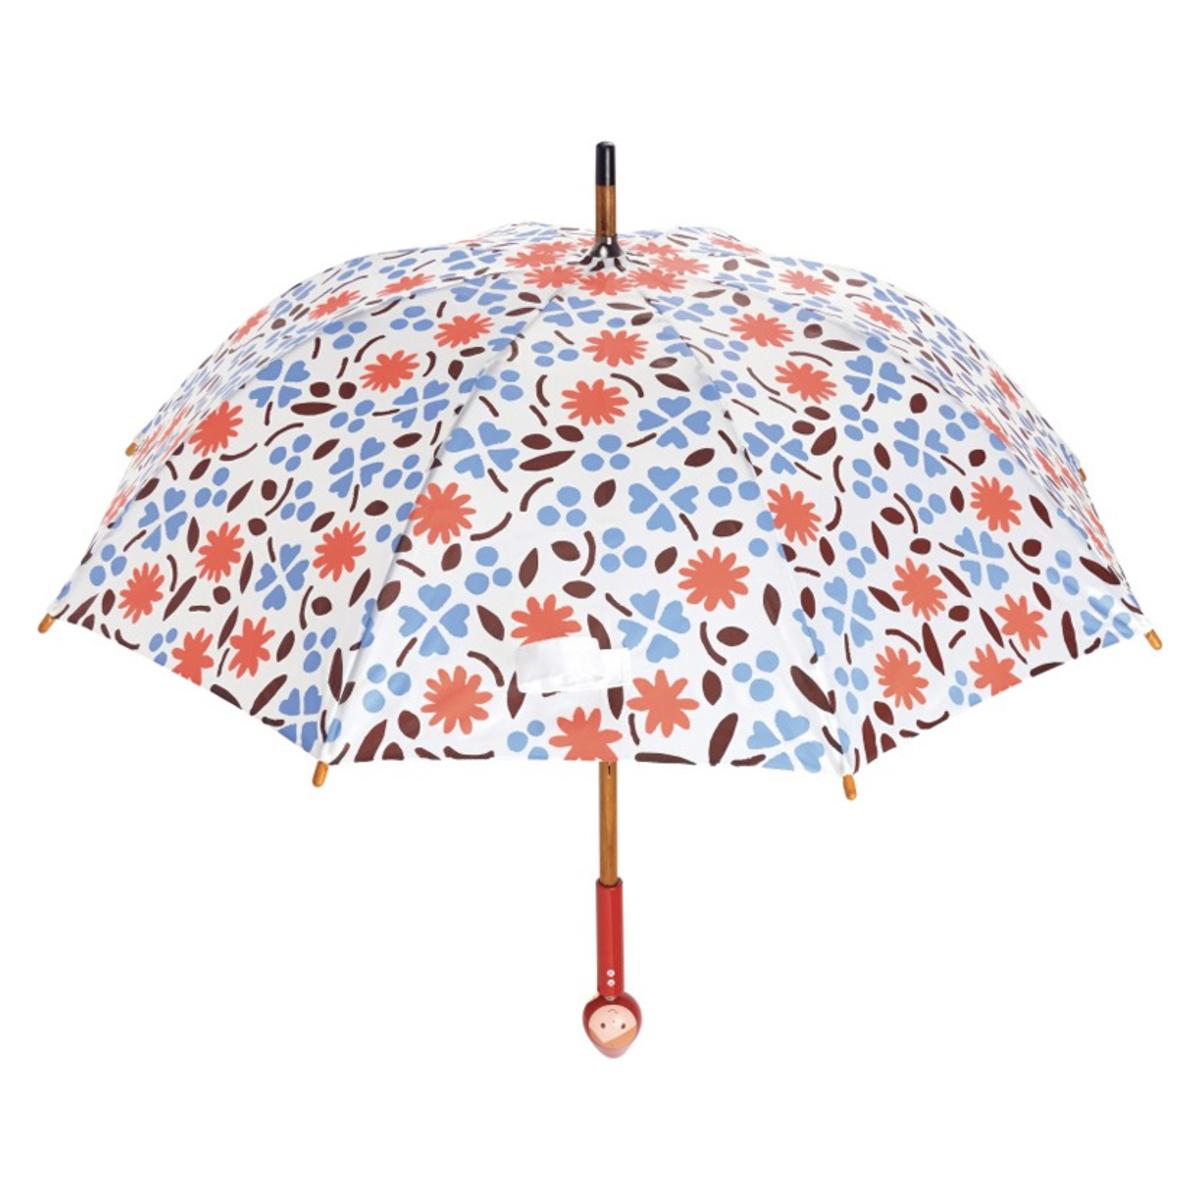 Accessoires bébé Parapluie Shinzi Katoh - Chaperon Rouge